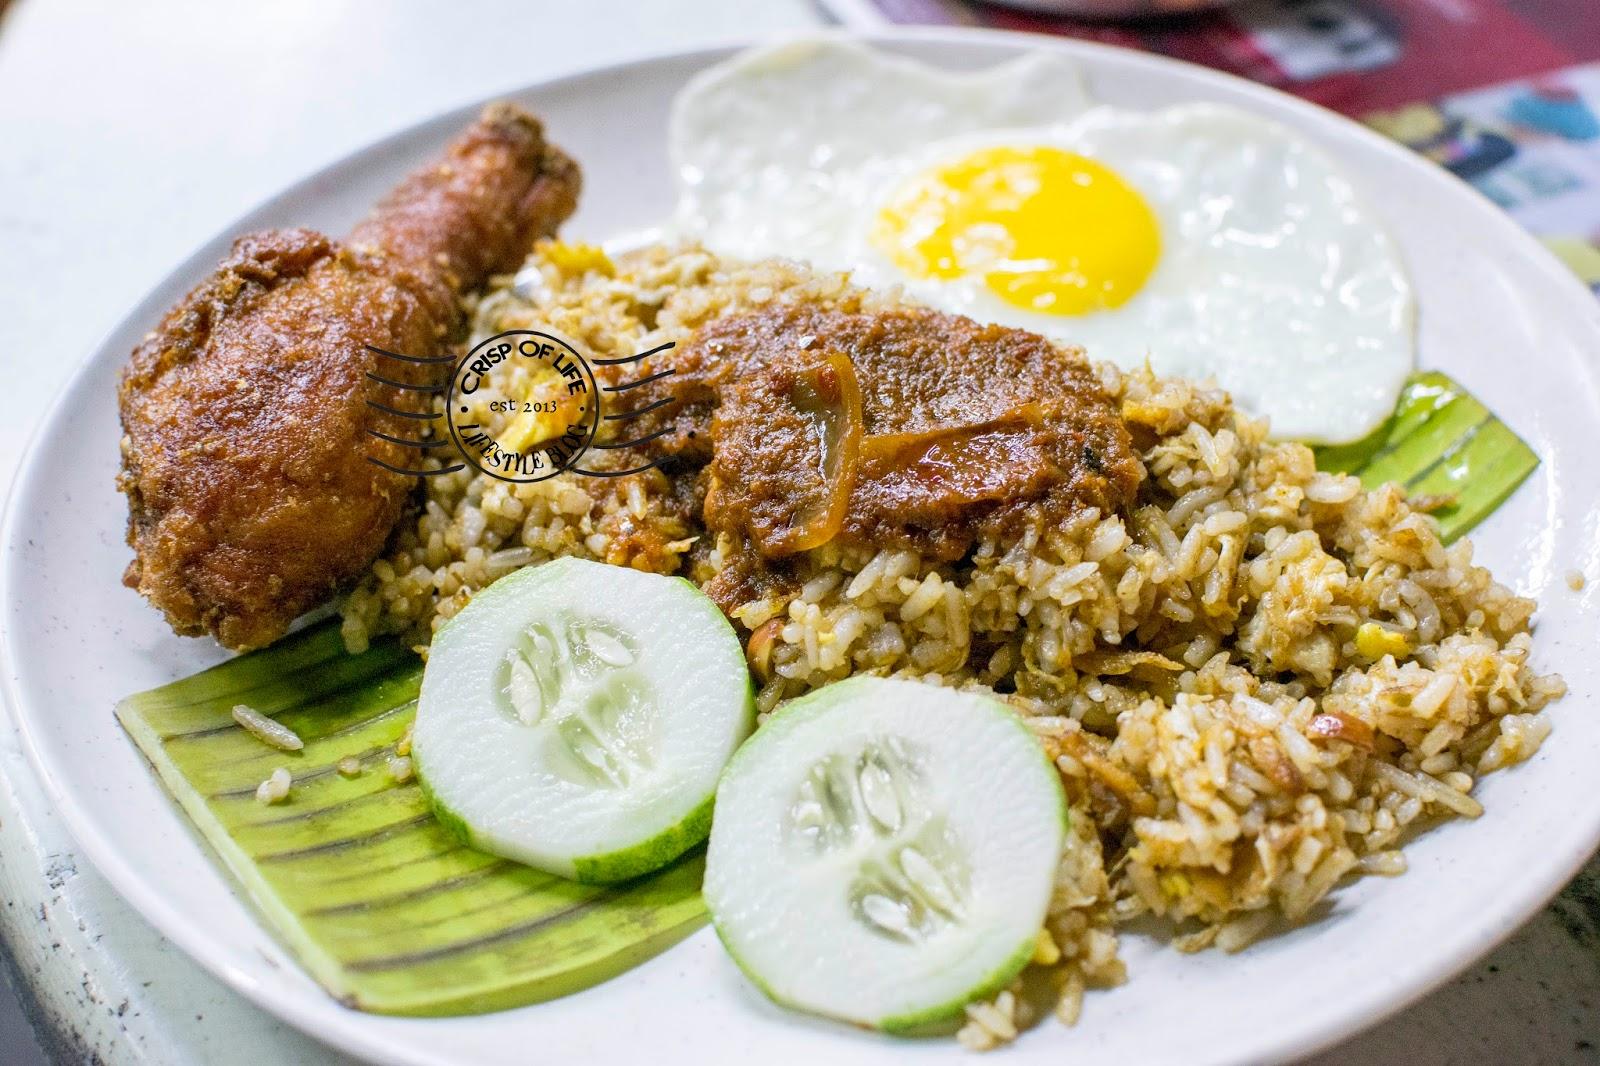 Maggie goreng supper in Penang